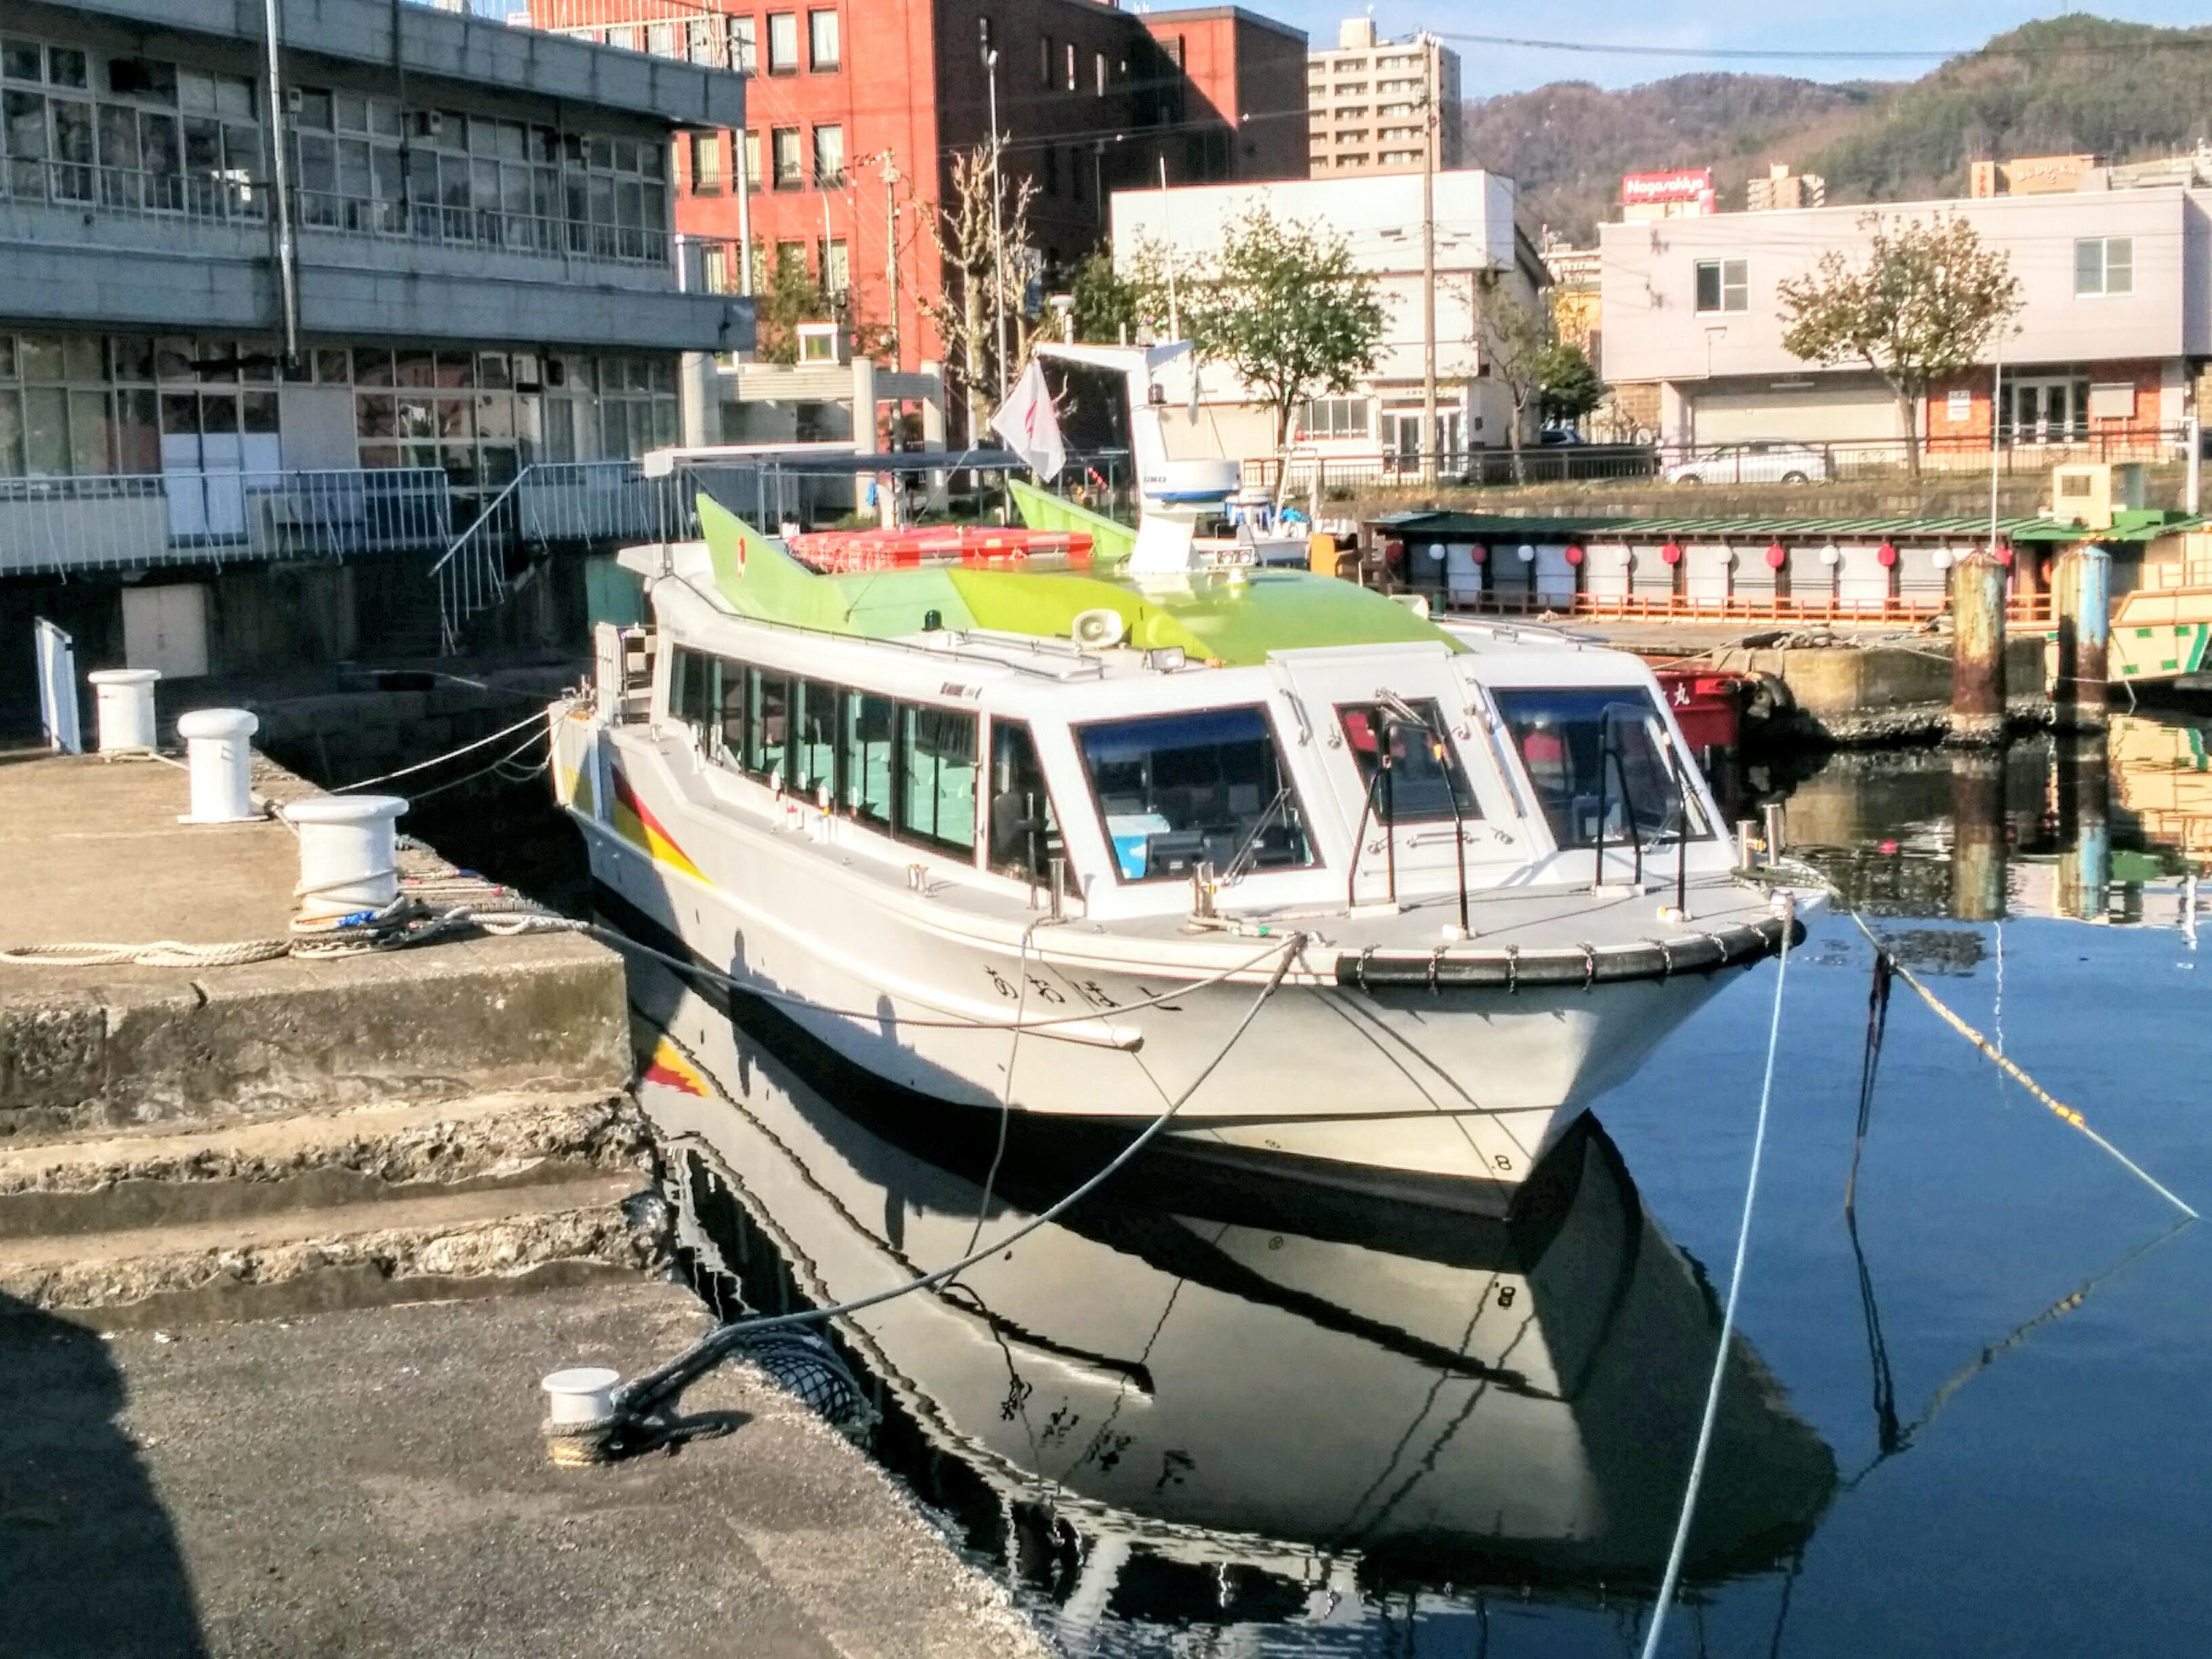 【小樽】小樽海上観光船「あおばと」観光案内です。